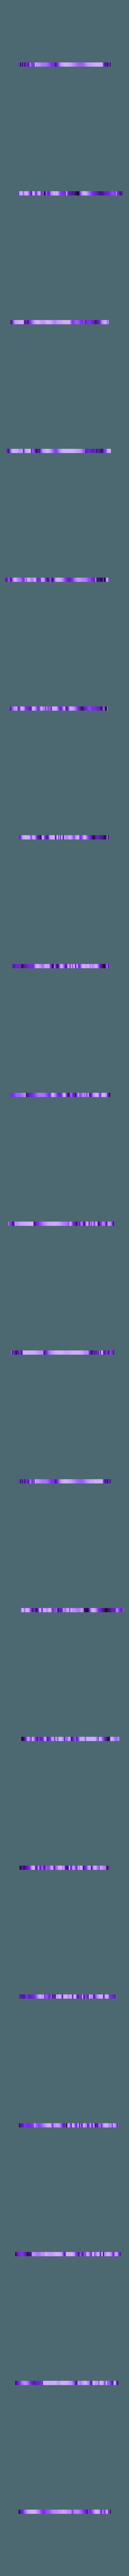 Beauty and the Beast.STL Télécharger fichier STL gratuit La beauté et la bête • Plan pour impression 3D, Saeid